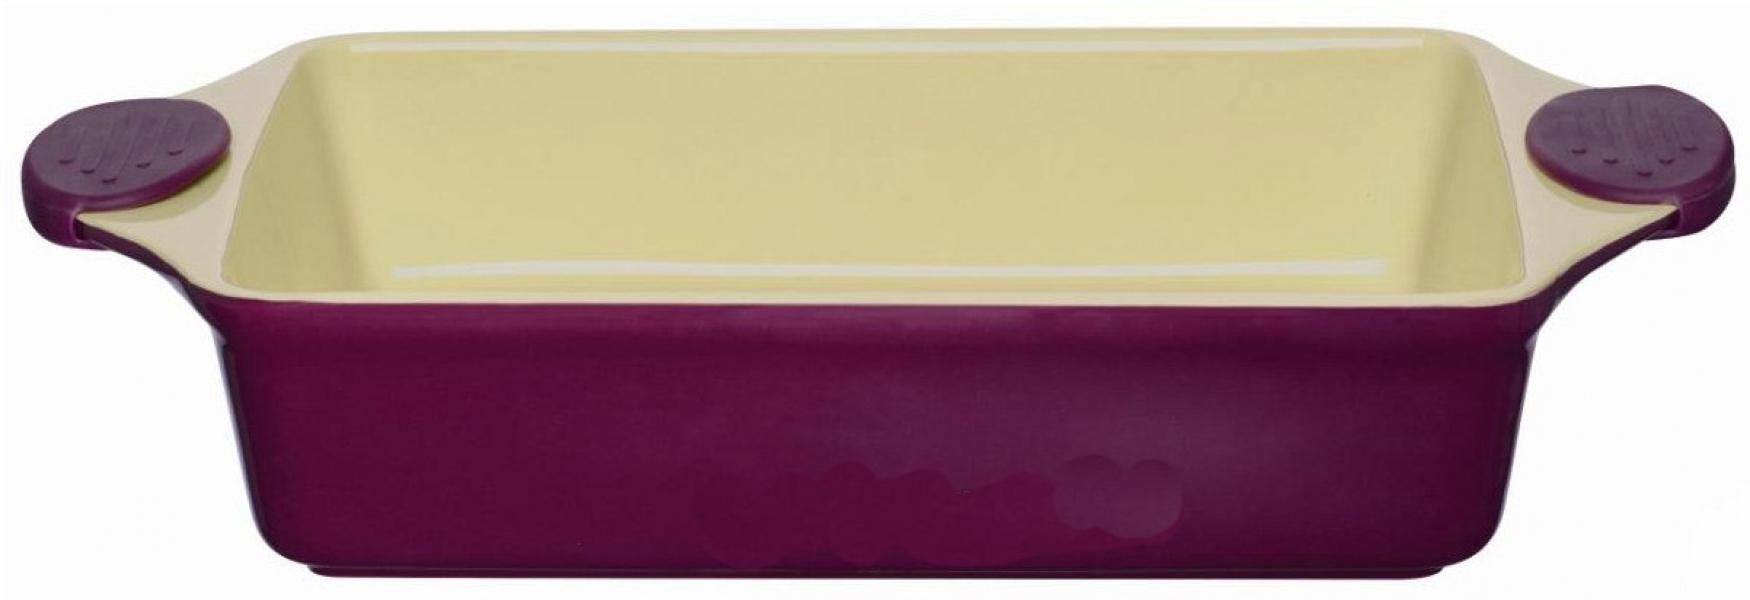 Фото - Форма для выпечки прямоугольная Lessner купить в киеве на подарок, цена, отзывы